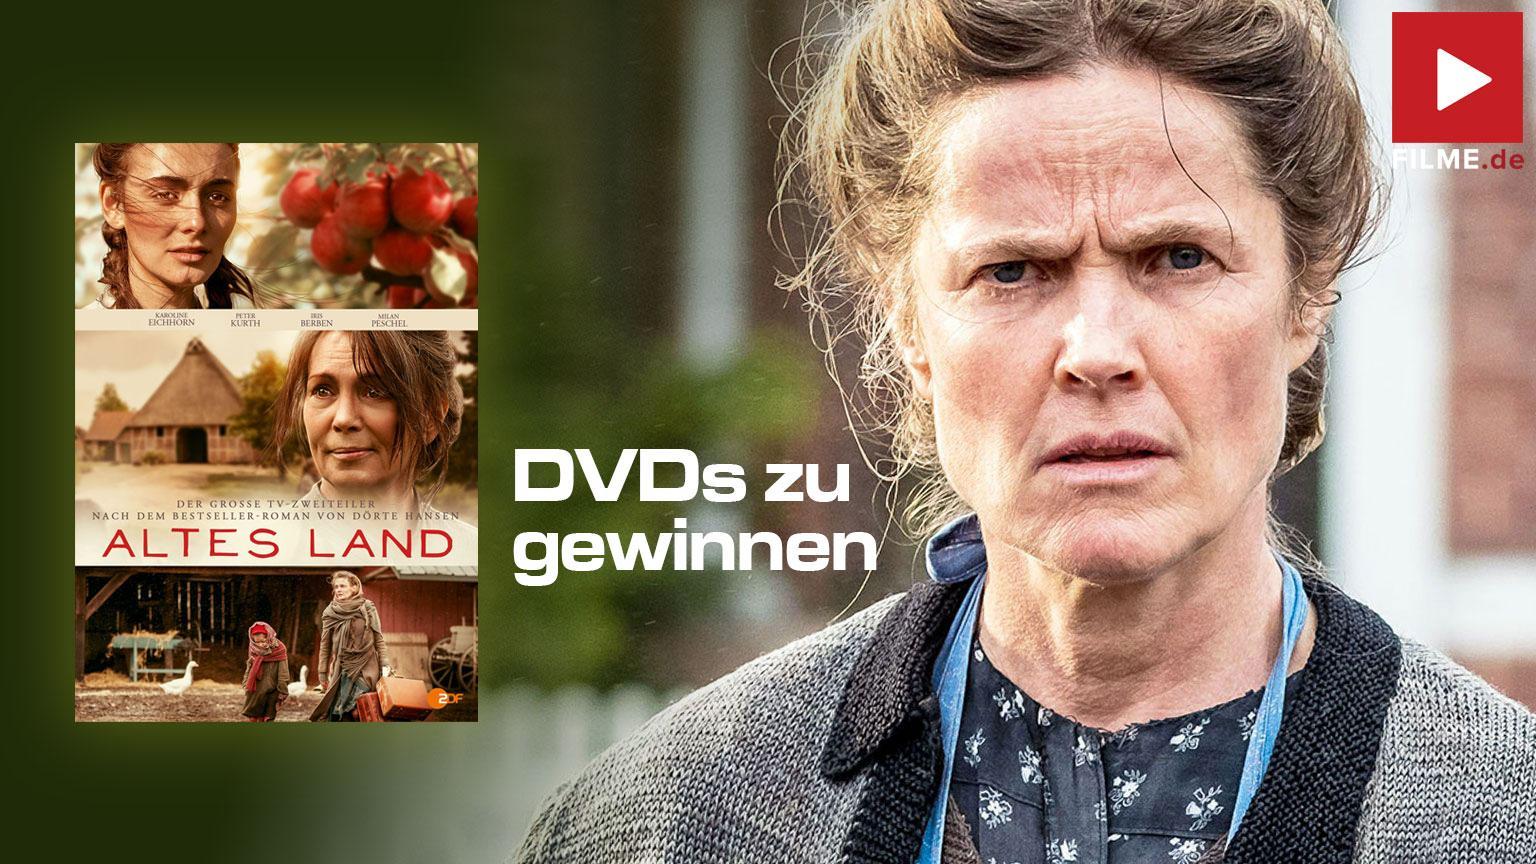 Altes Land TV-Zweiteiler Romanverfilmung 2020 DVD shop kaufen Gewinnspiel gewinnen Artikelbild